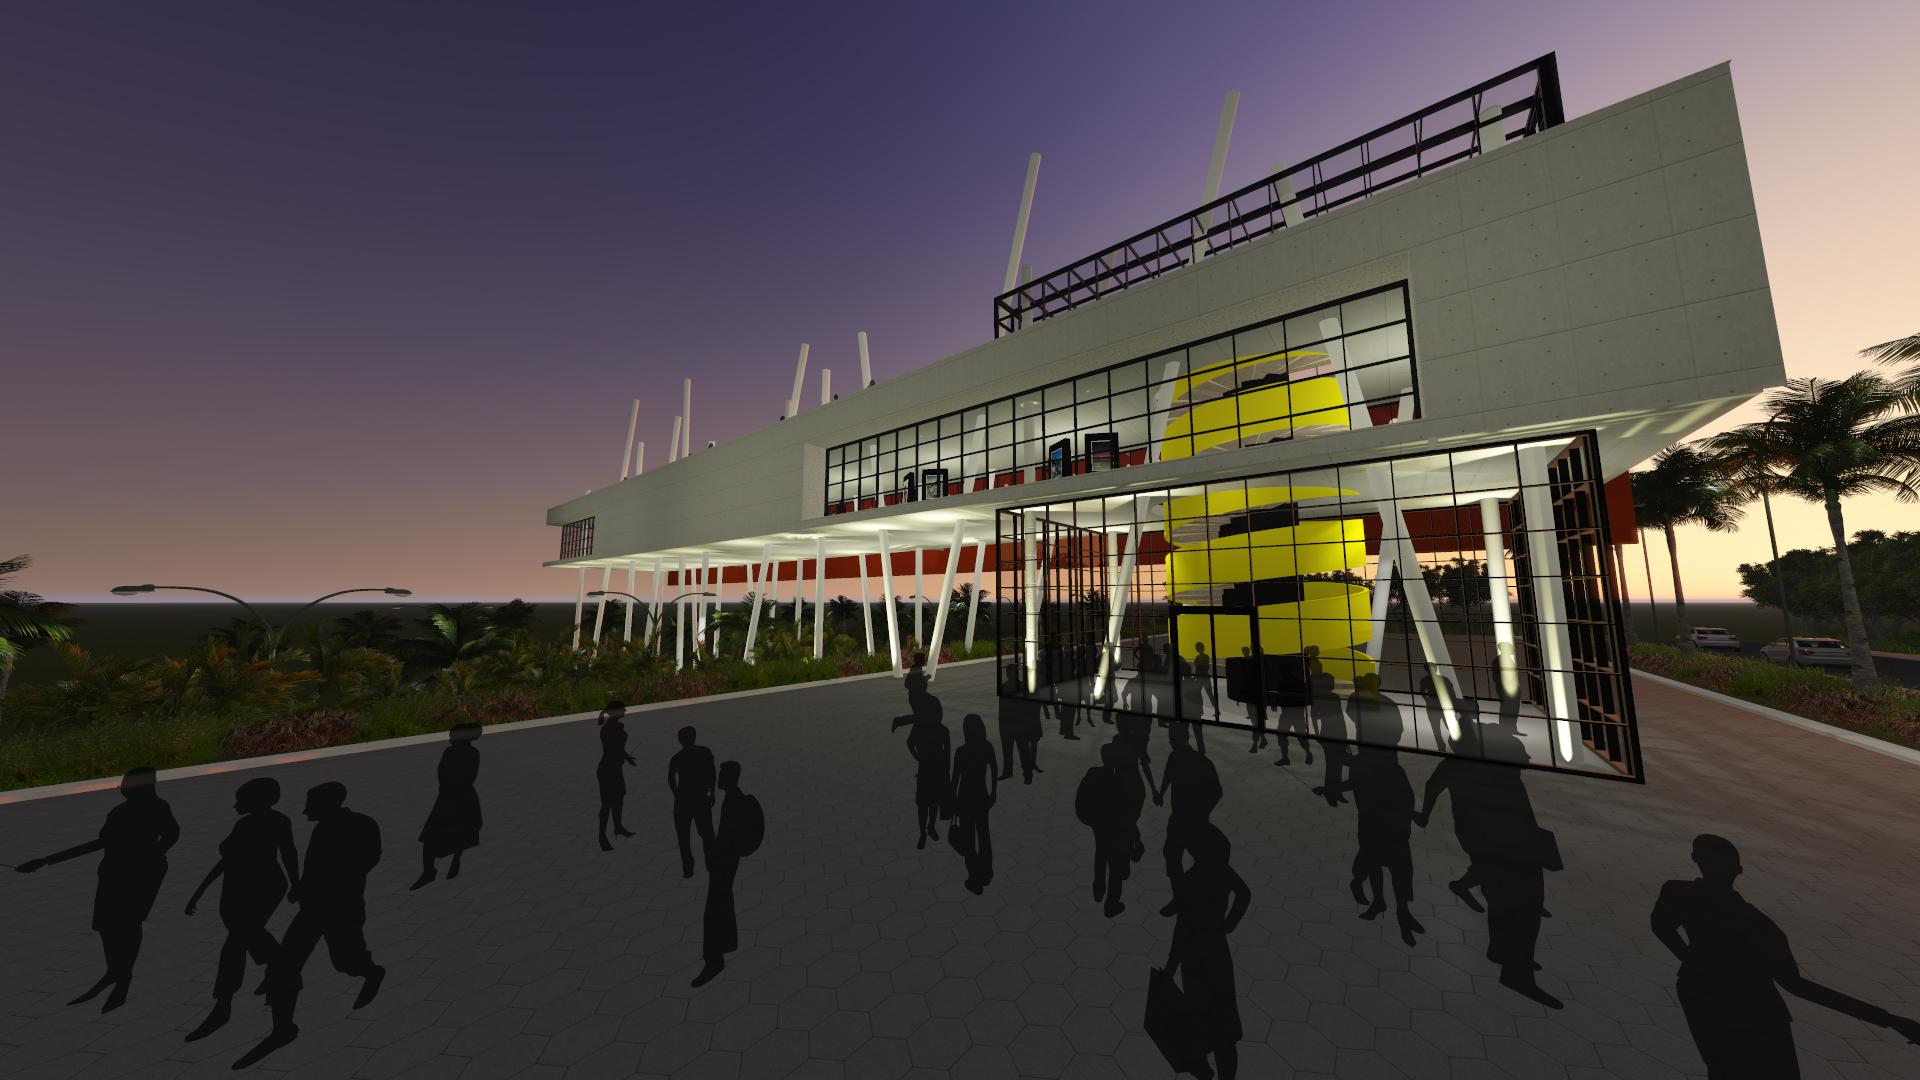 projeto-arquitetonico-museumacaiba-duo-arquitetura-07.jpg